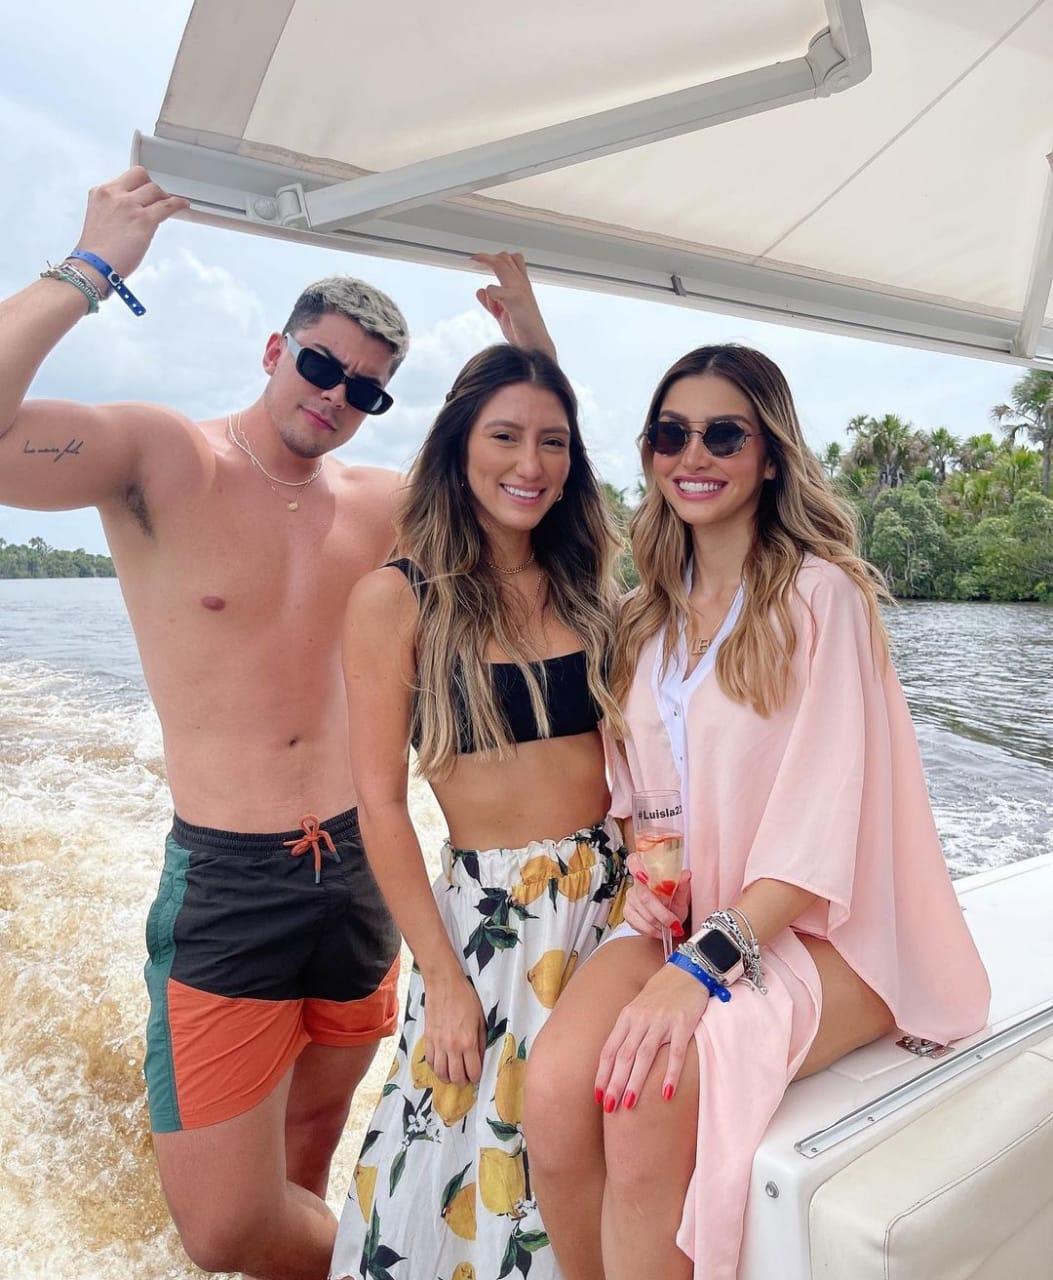 Irmãos Luisla Berger e Ryan curtem feriado em paraíso maranhense